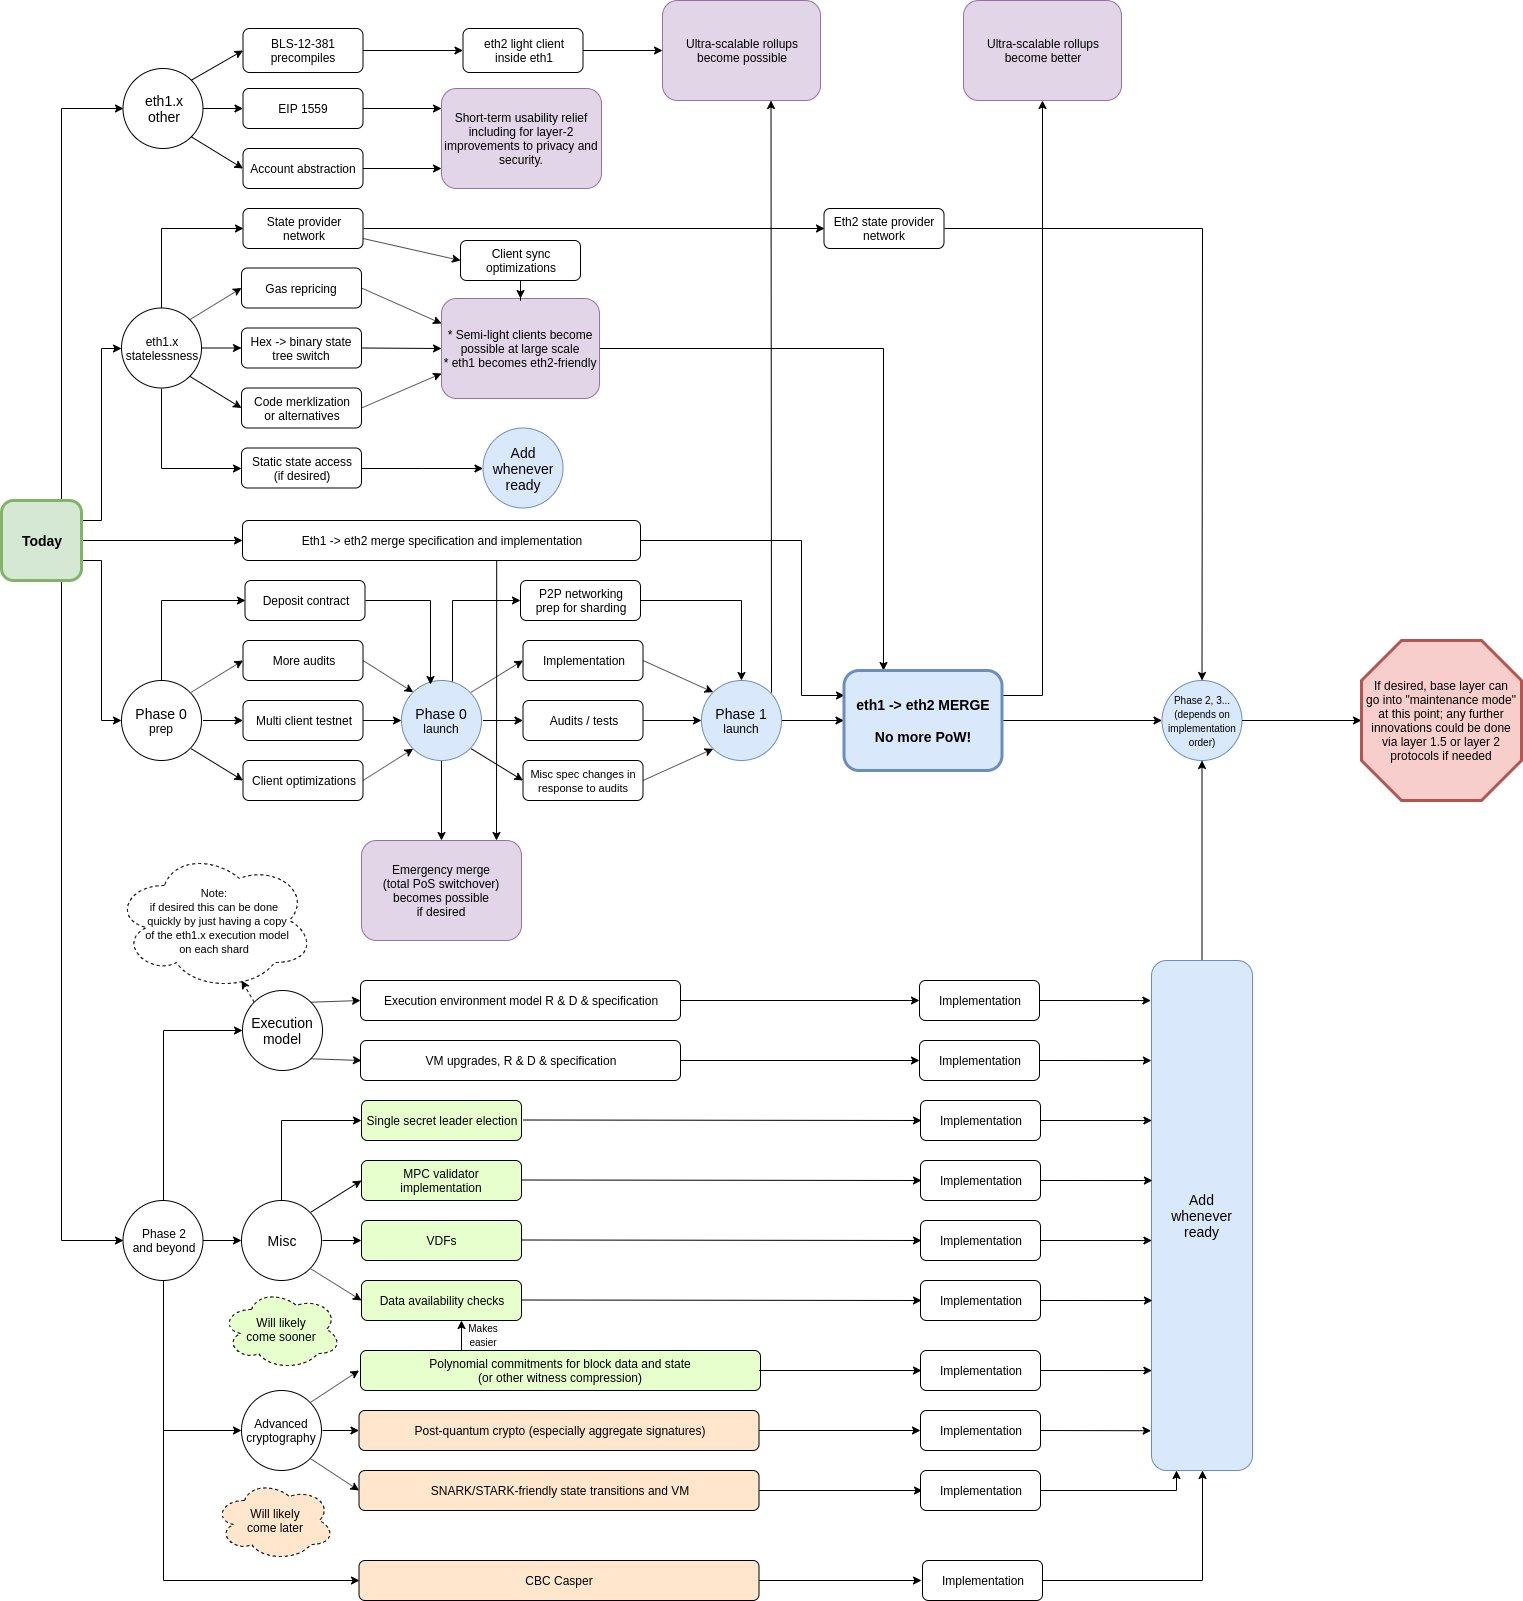 Виталик Бутерин назвал срок запуска тестнета для мультиклиента Ethereum 2:0